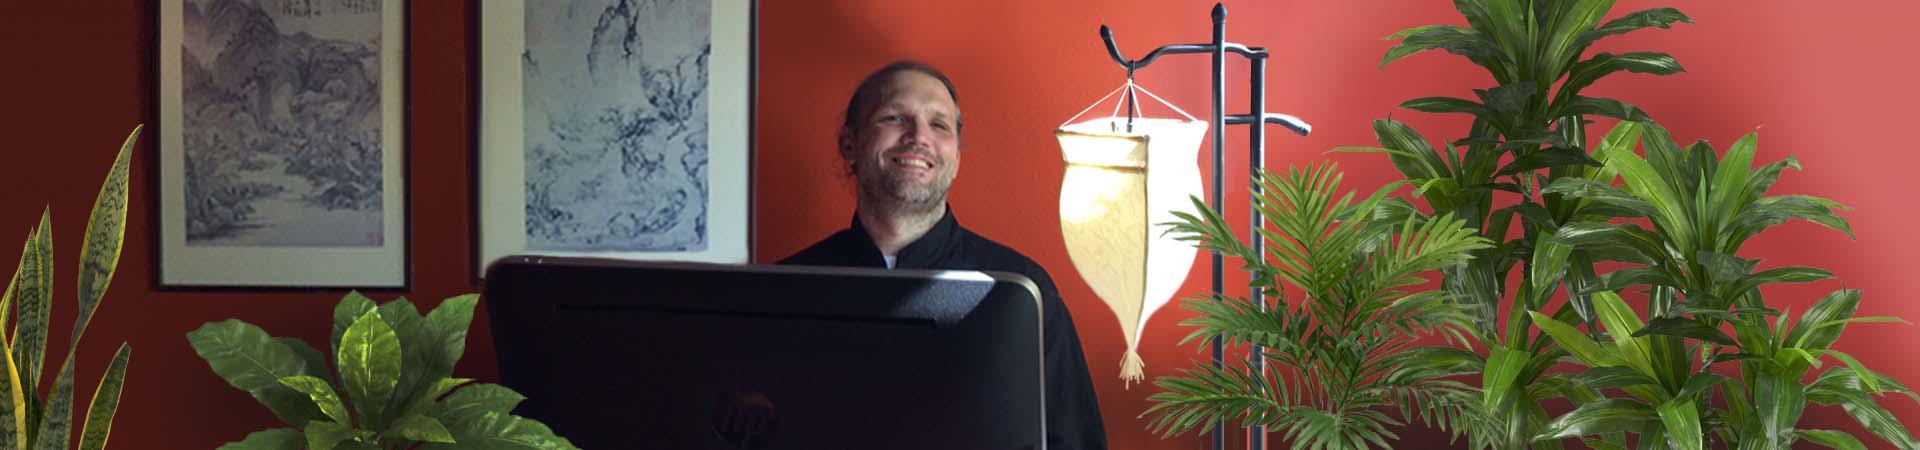 Sifu Michael Paler at his Desk